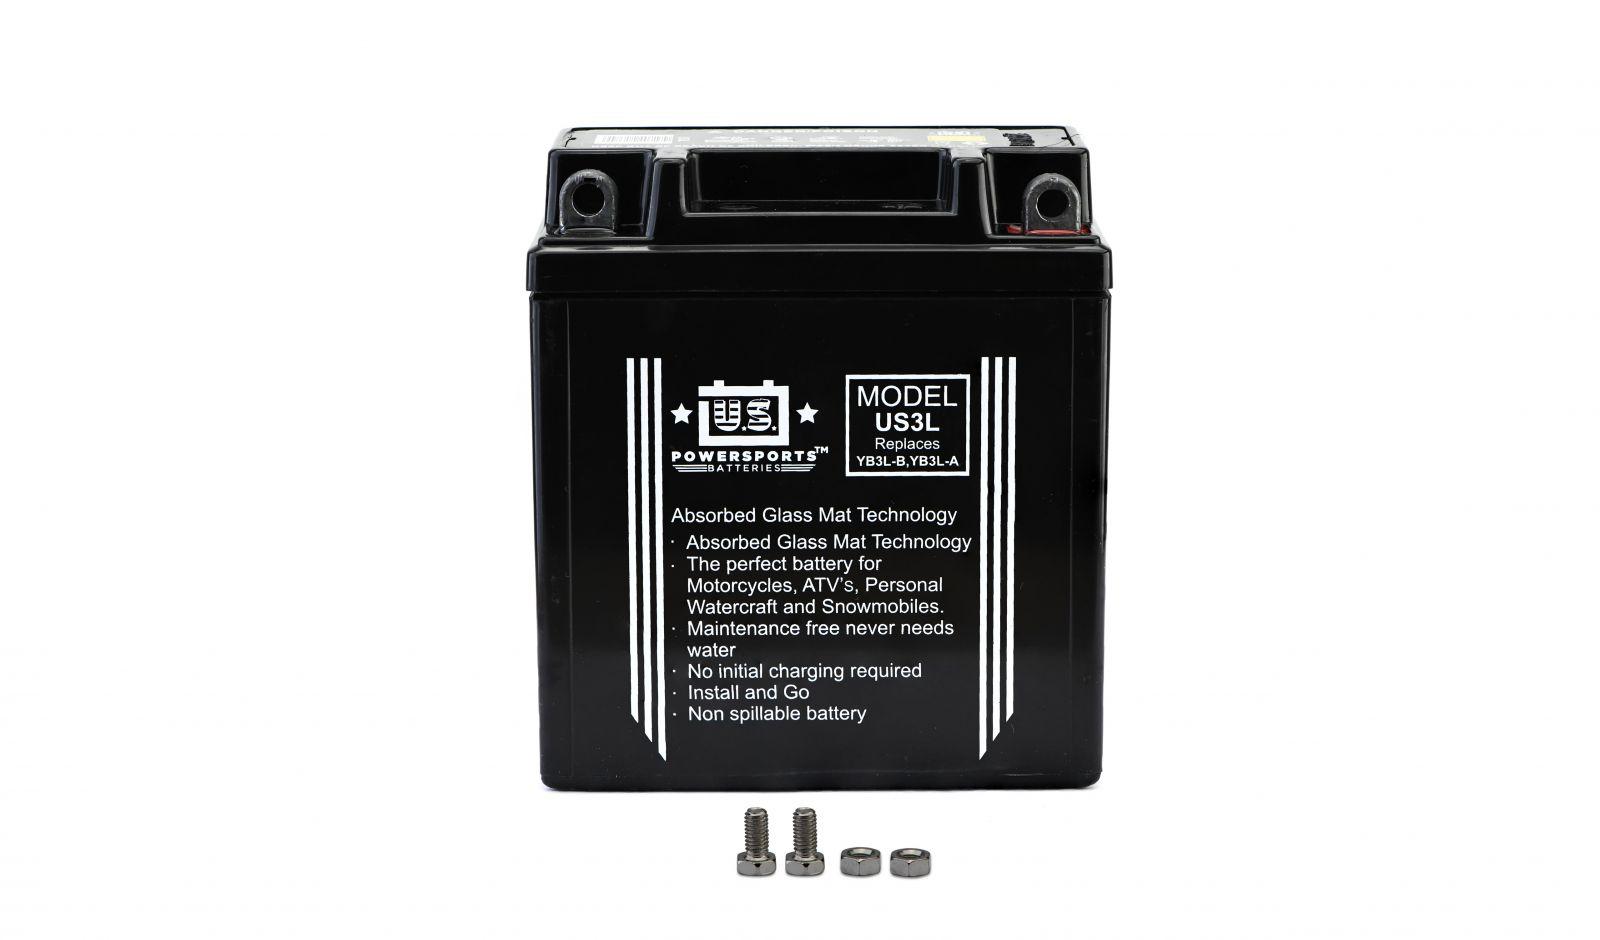 us powersports sealed battery - 501030U image